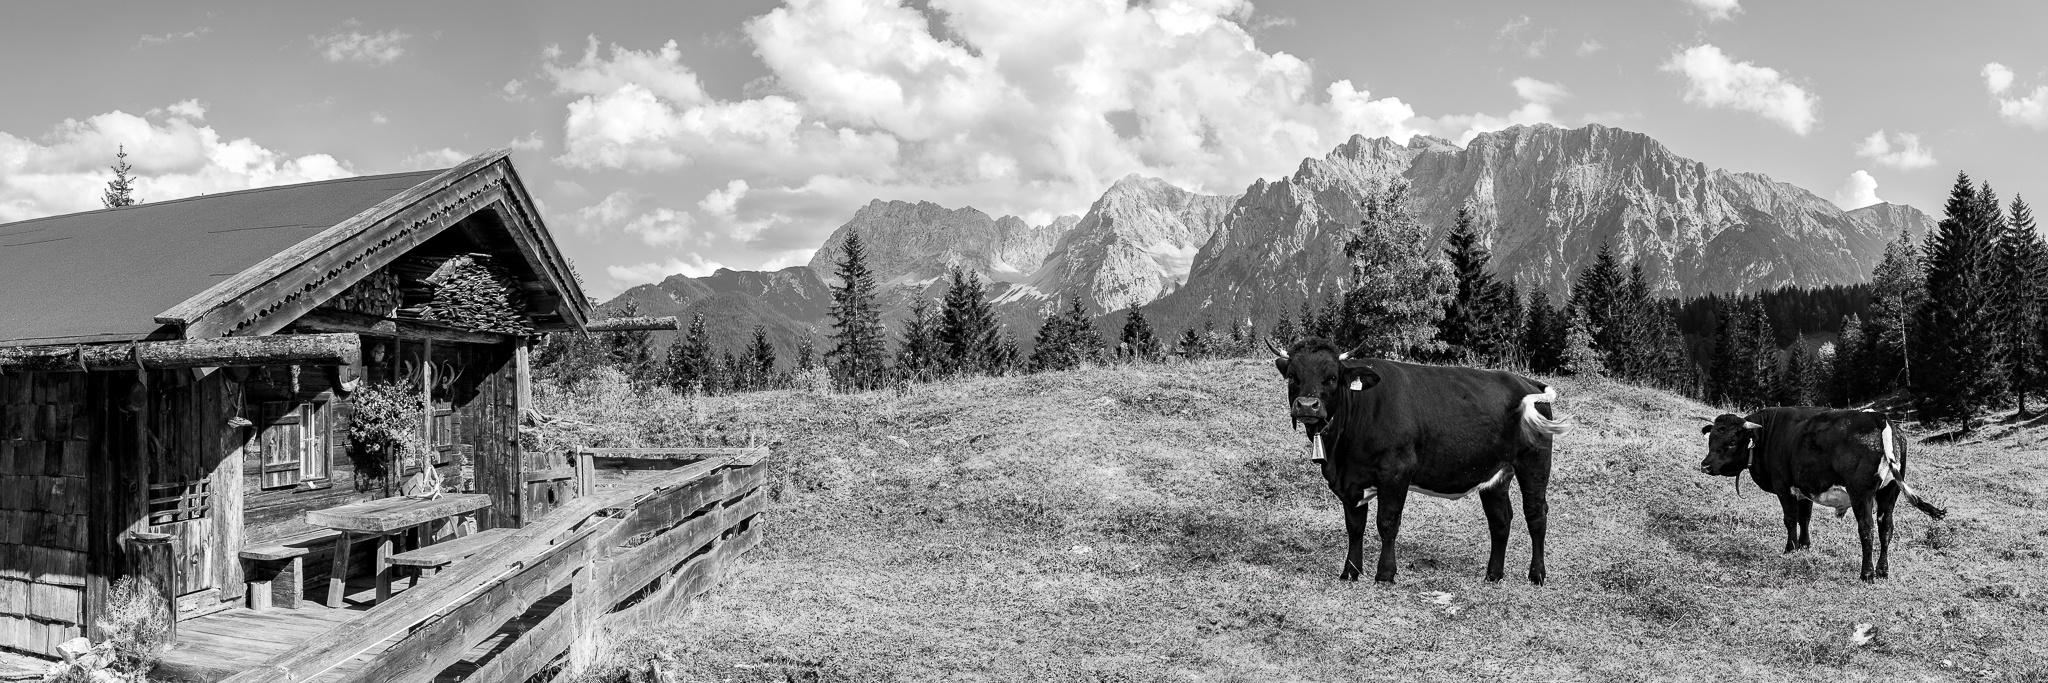 Idyllisch gelegene alte Alm mit Kühen in der Alpenwelt Karwendel mit Blick auf Hoher Wörner, Tiefkarspitze, Westliche Karwendelspitze und die Linderspitze.